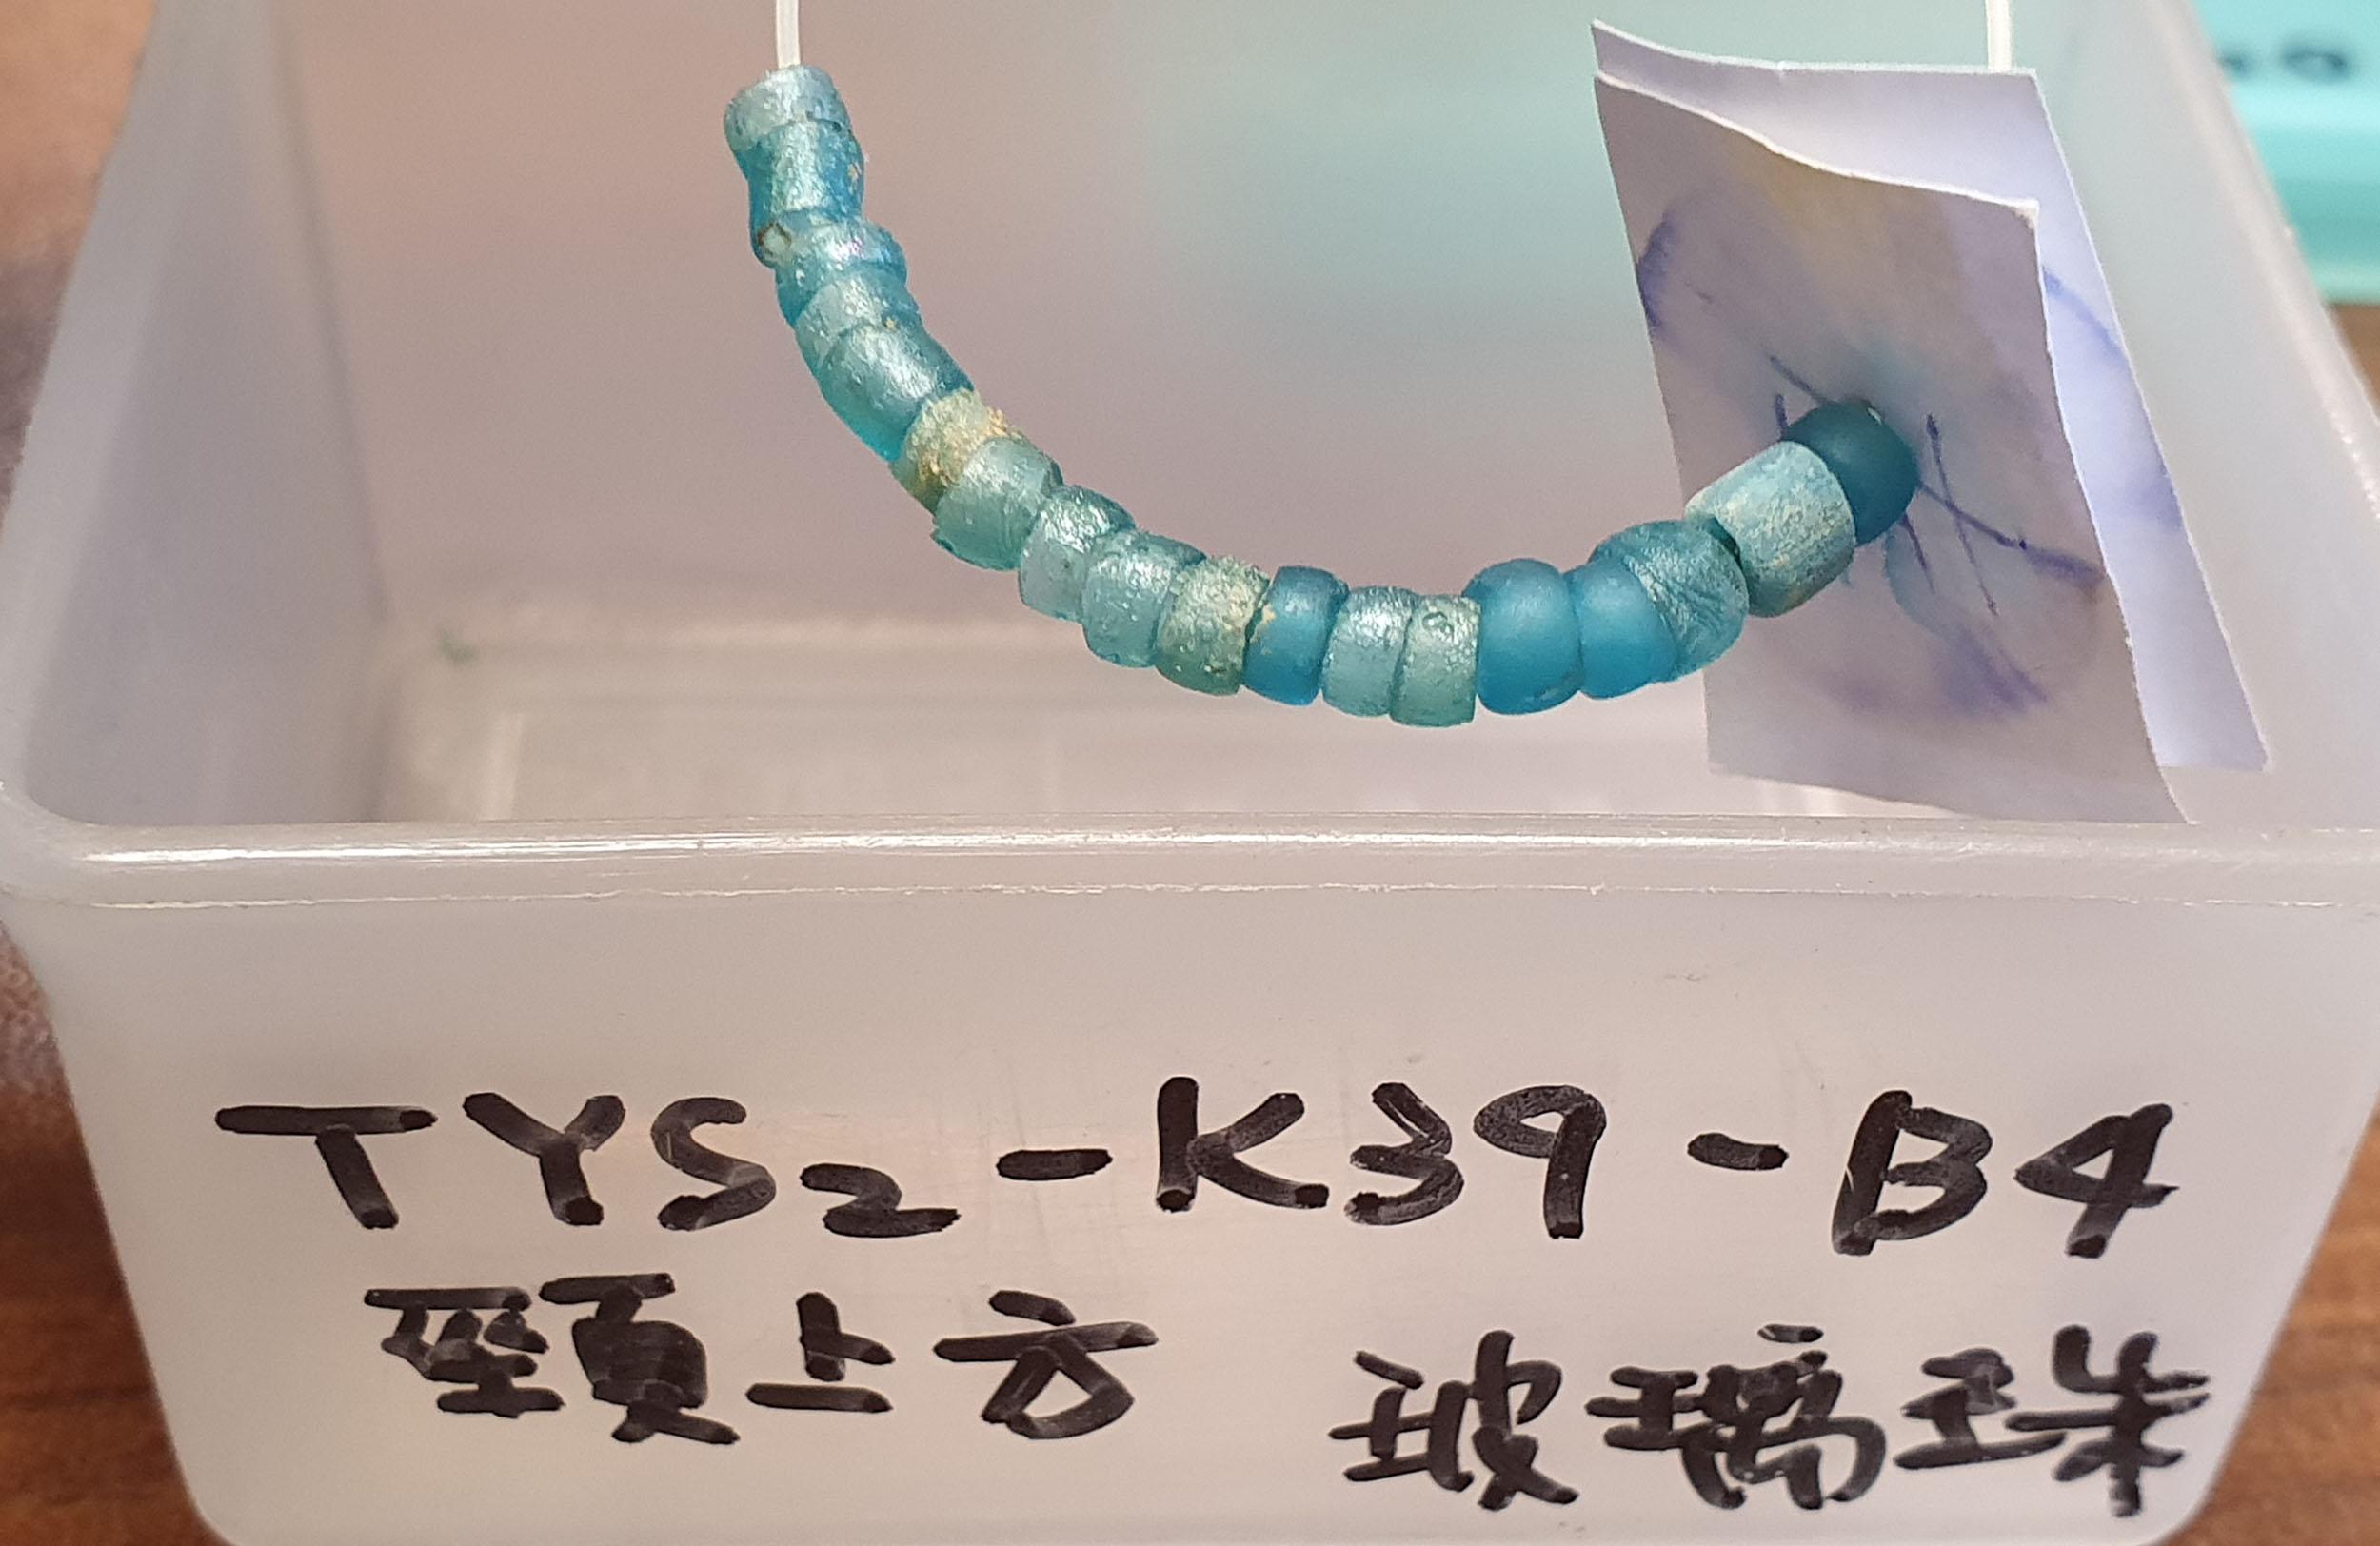 臺南道爺南遺址的玻璃珠,可串聯掛在頸部,做為陪葬品使用。圖│研之有物